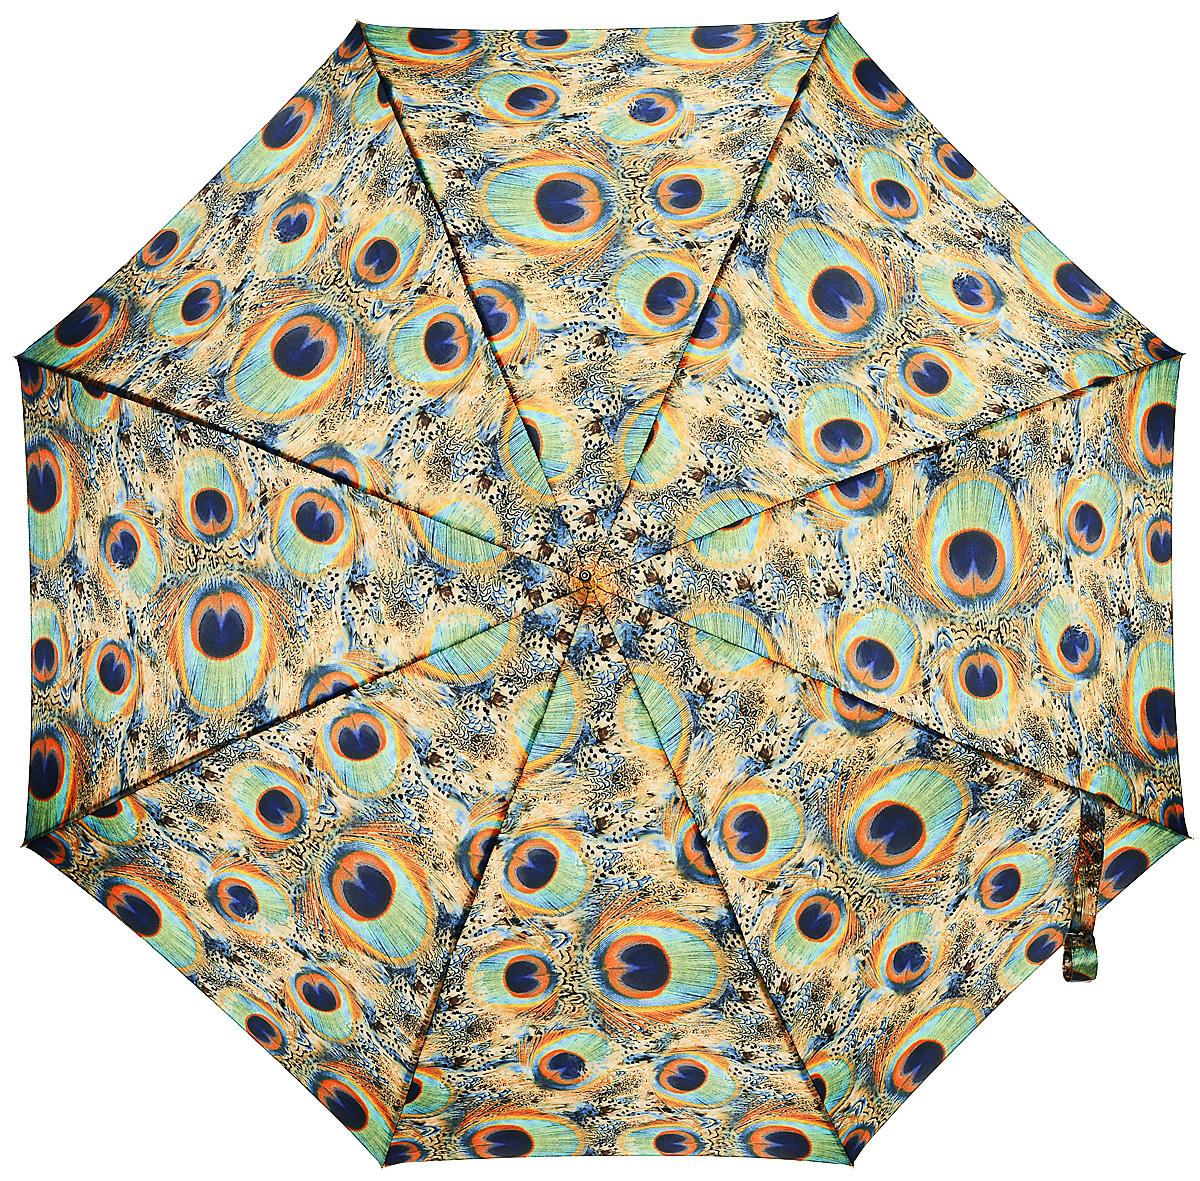 Зонт-трость женский Stilla, цвет: песочный, бирюзовый. 726/1 autoCX1516-50-10Зонт-трость Stilla надежно защитит вас от дождя. Купол, оформленный оригинальным принтом, выполнен из высококачественного ПВХ, который не пропускает воду.Каркас зонта и спицы выполнены из высококарбонистой стали. Зонт имеет автоматический тип сложения: открывается и закрывается при нажатии на кнопку. Удобная ручка выполнена из пластика.